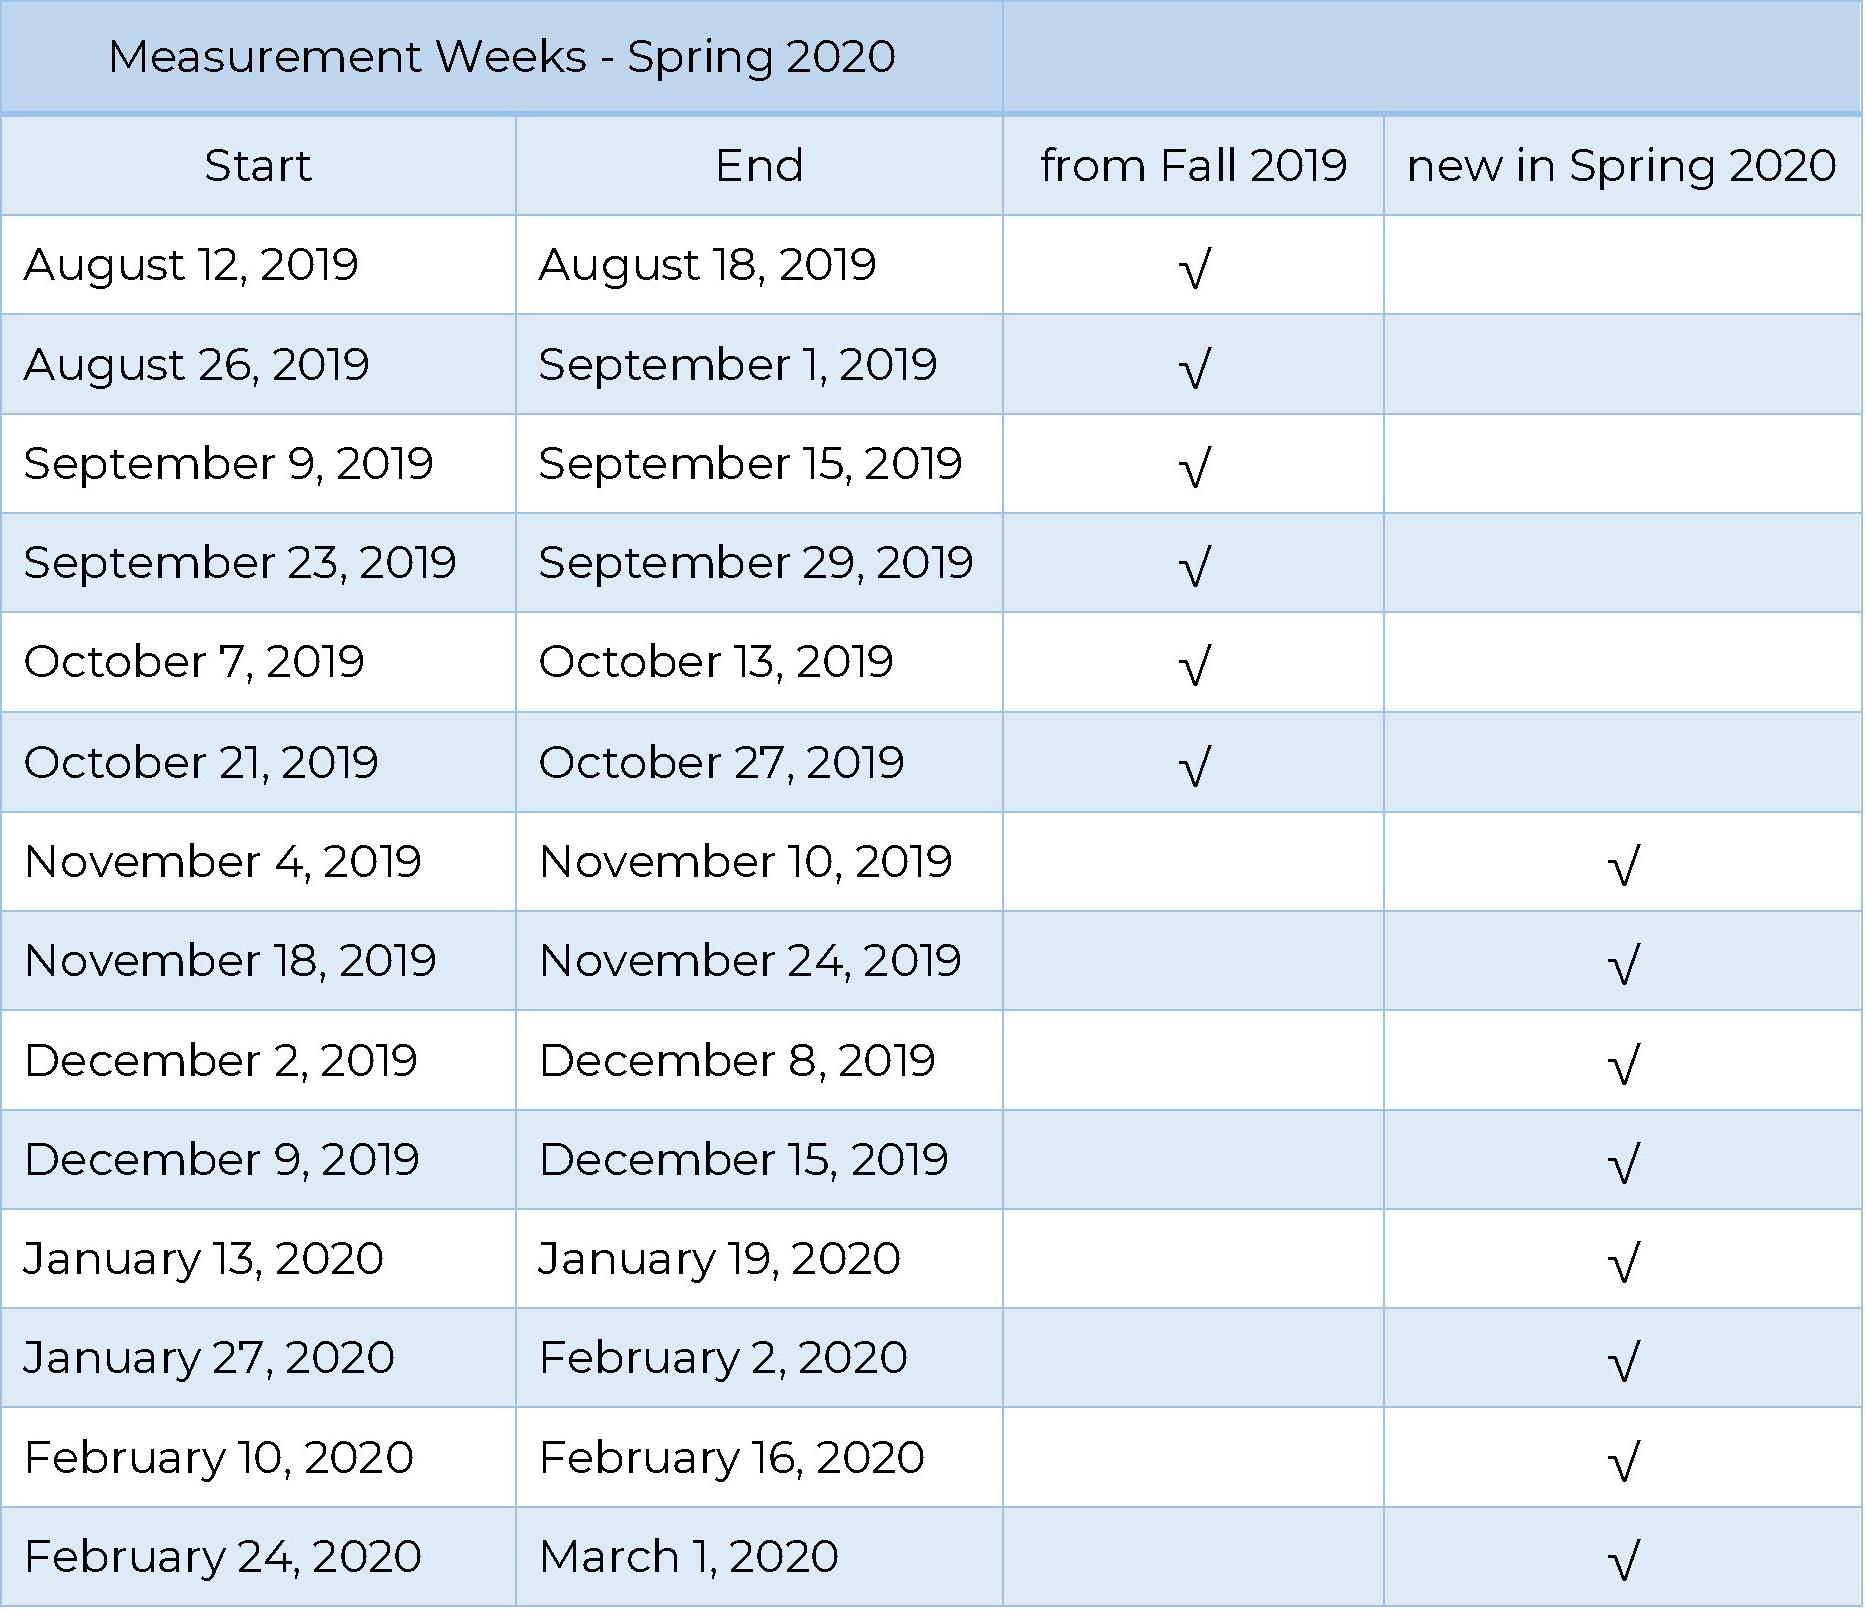 measument weeks spring 2020